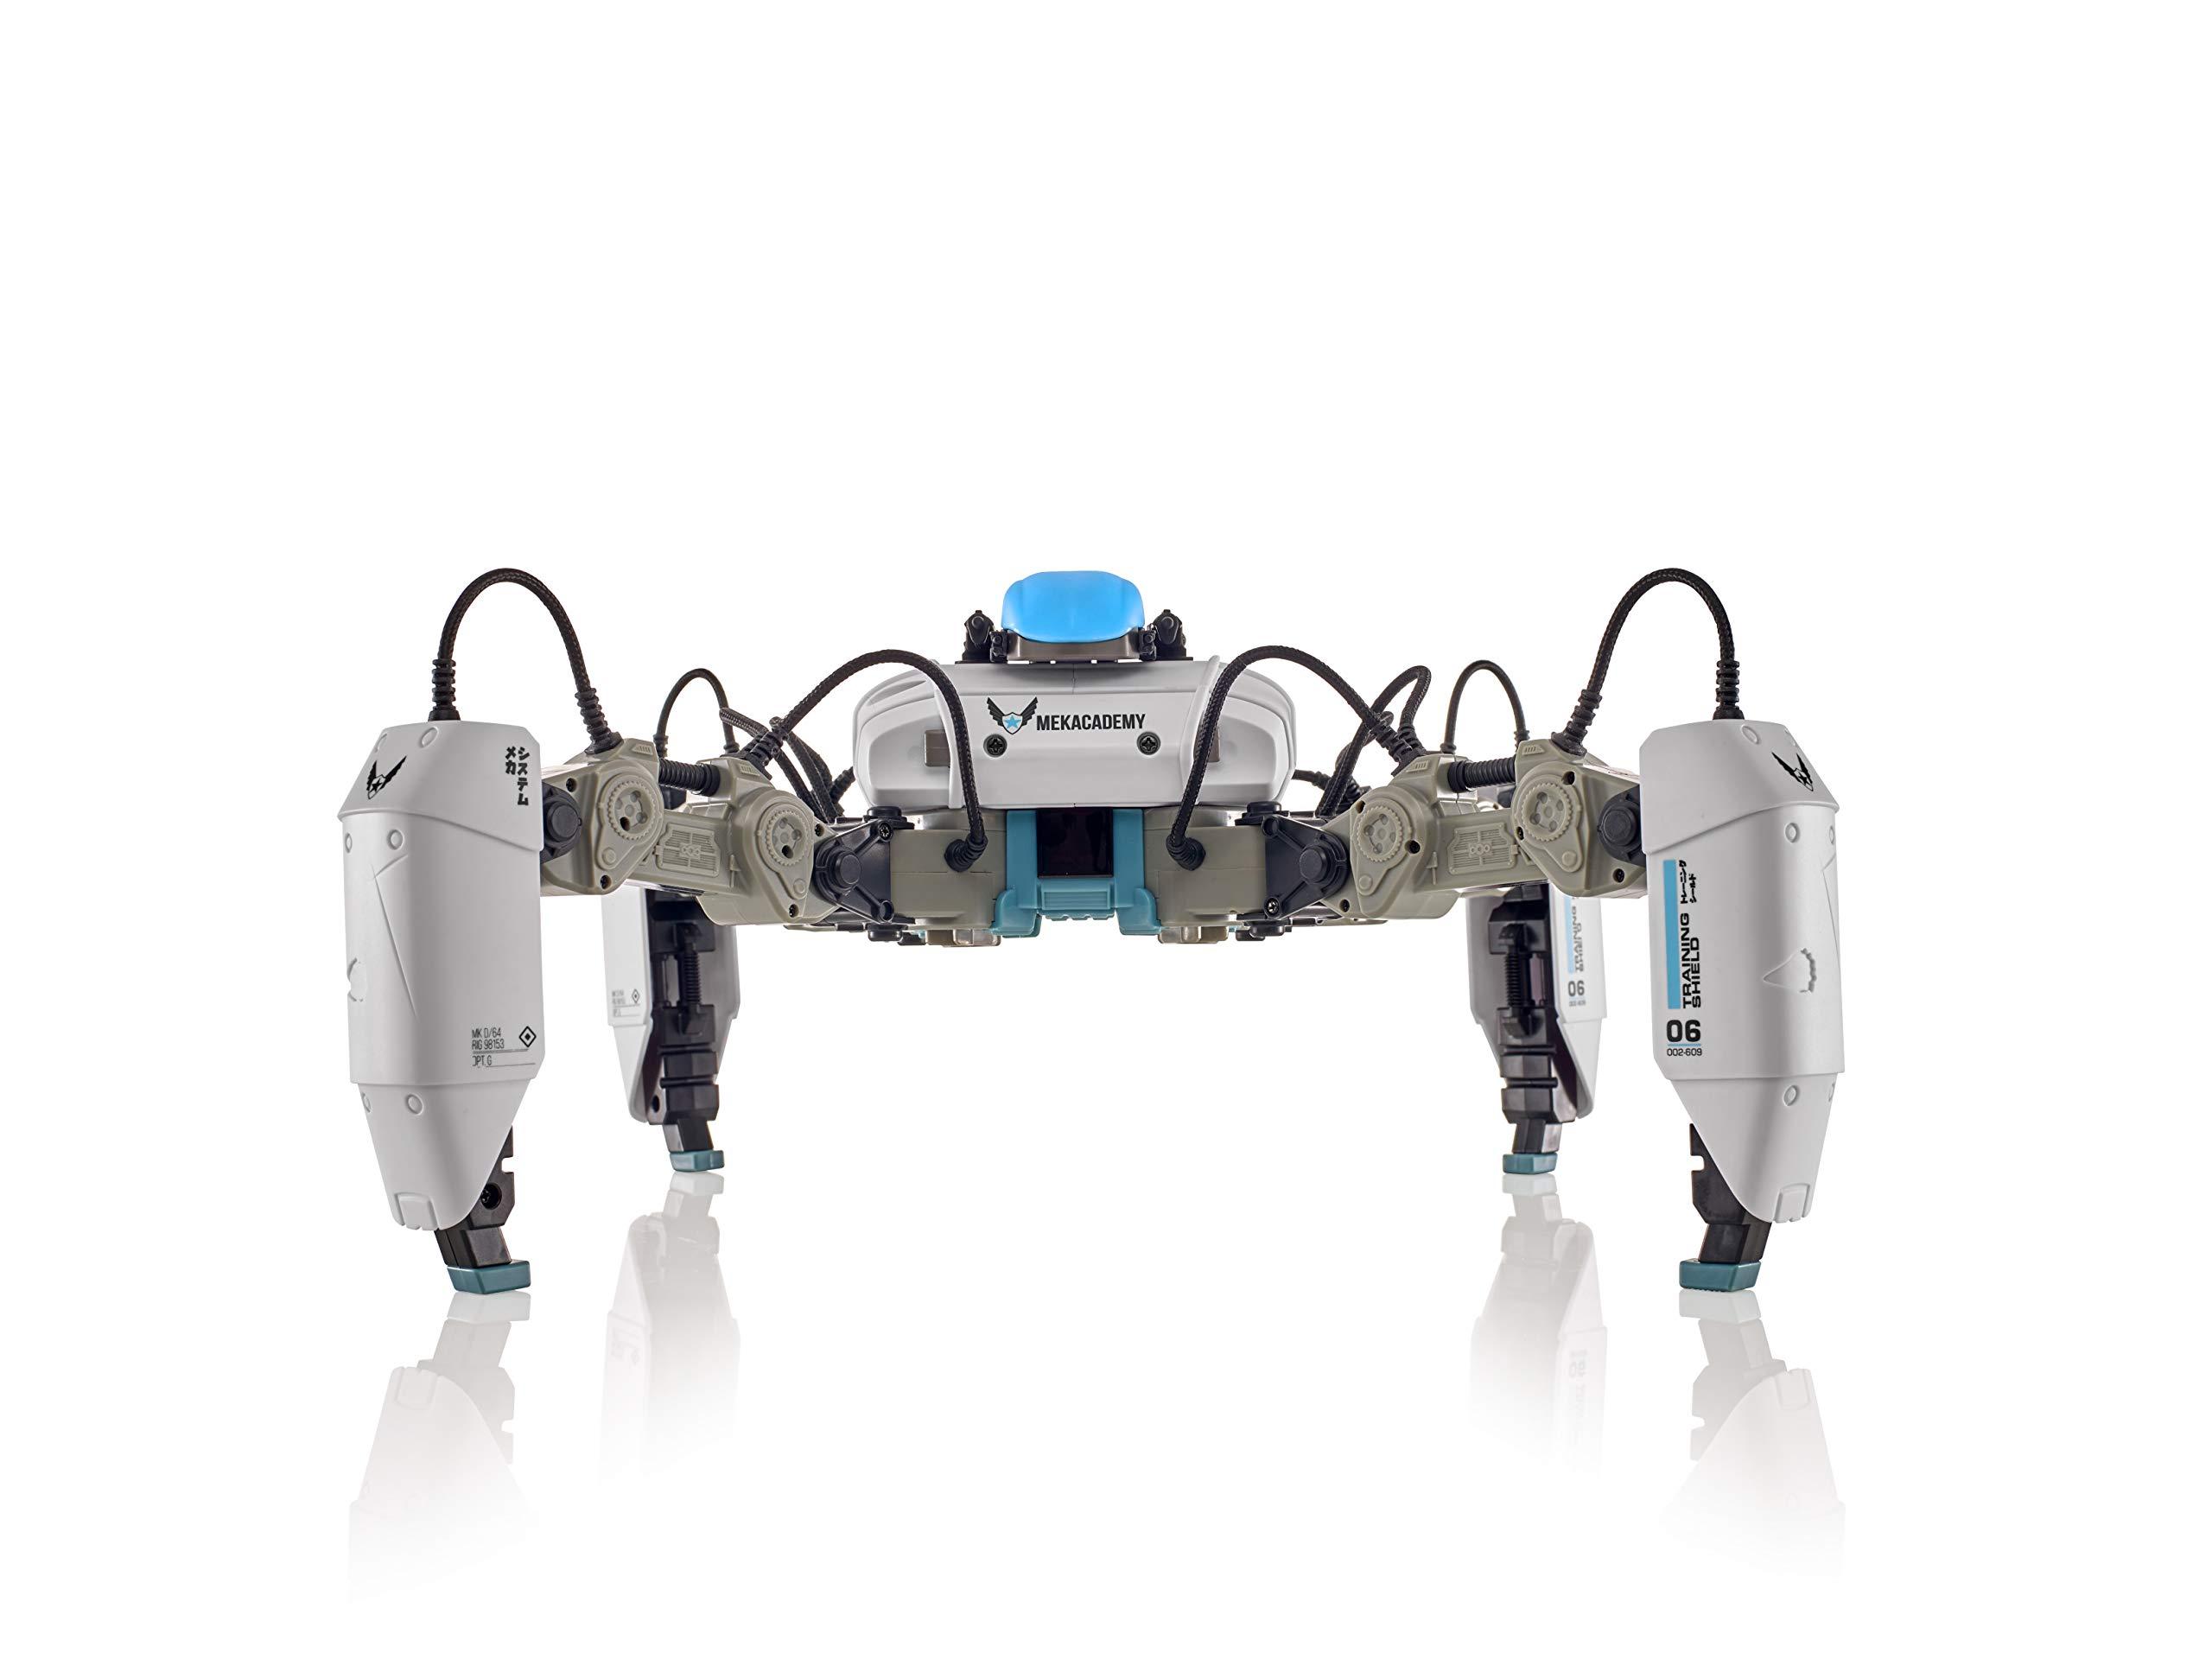 Mekamon Berserker V1 Gaming Robot - US (White) by Mekamon (Image #3)